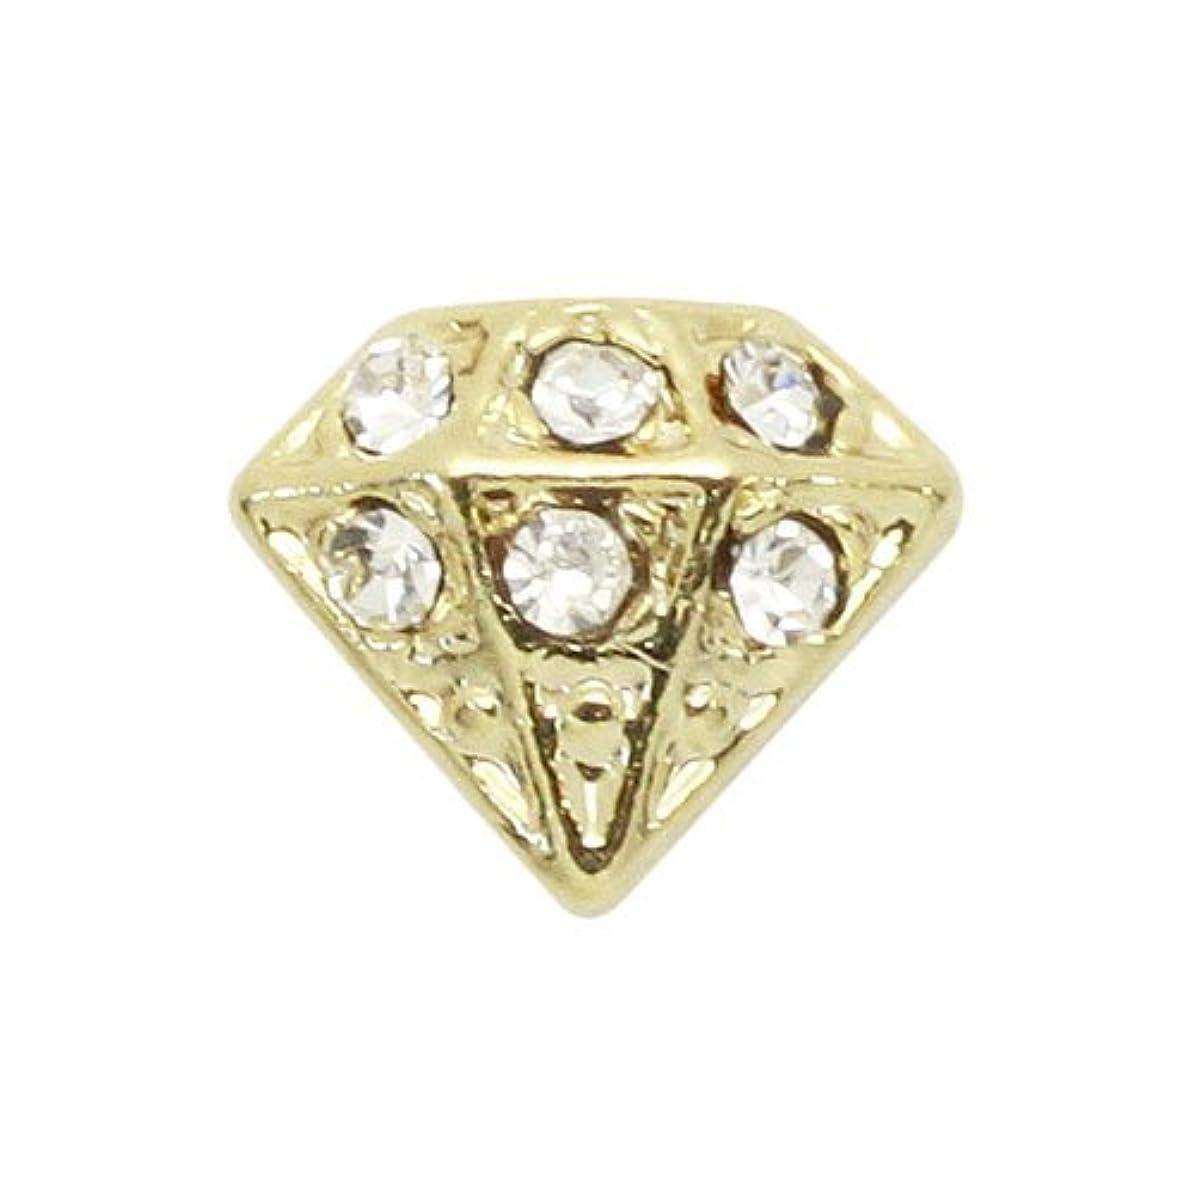 櫛自動車ネズミエムプティ ネイルパーツ ダイアモンド A191 1個